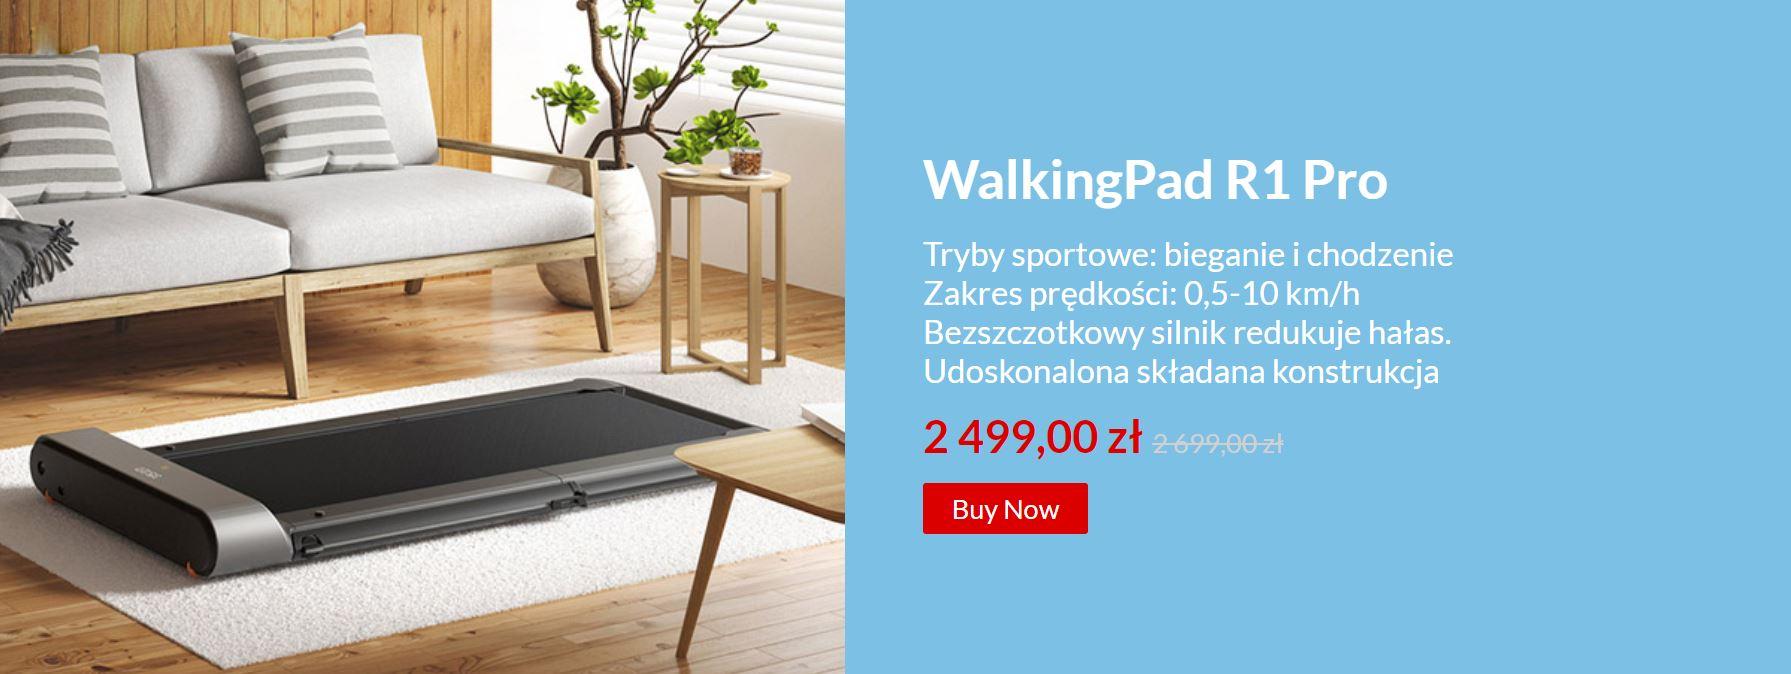 Noworoczna wyprzedaż sprzętu fitness - bieżnie i rowerki w super cenach - Walking Pad R1 PRO